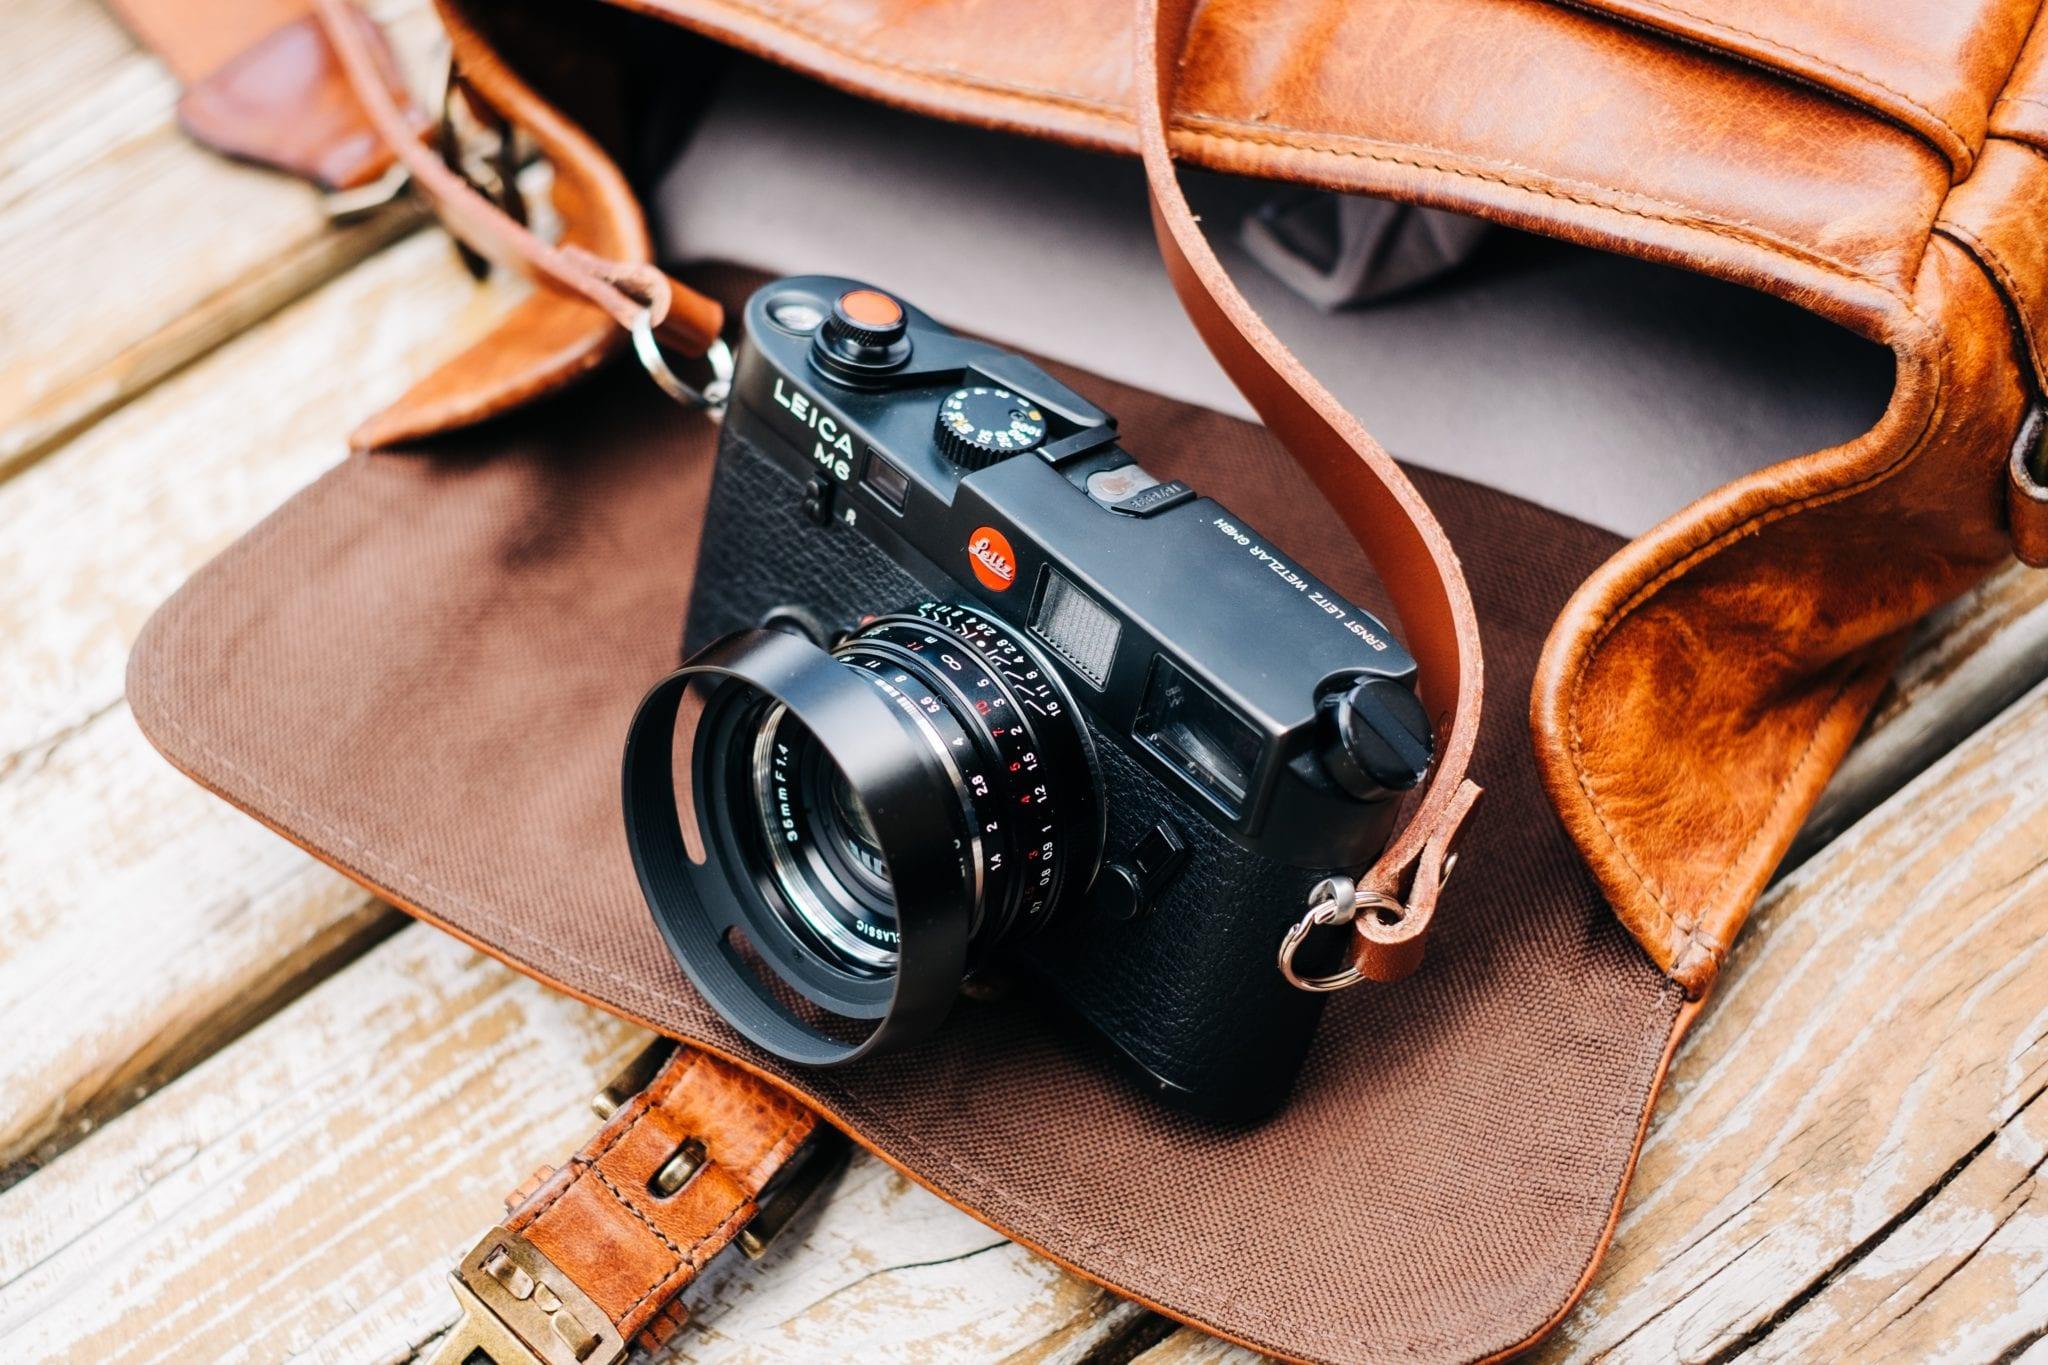 กระเป๋ากล้อง กระเป๋ากล้อง mirrorless กระเป๋ากล้องคาดเอว กระเป๋าใส่กล้อง